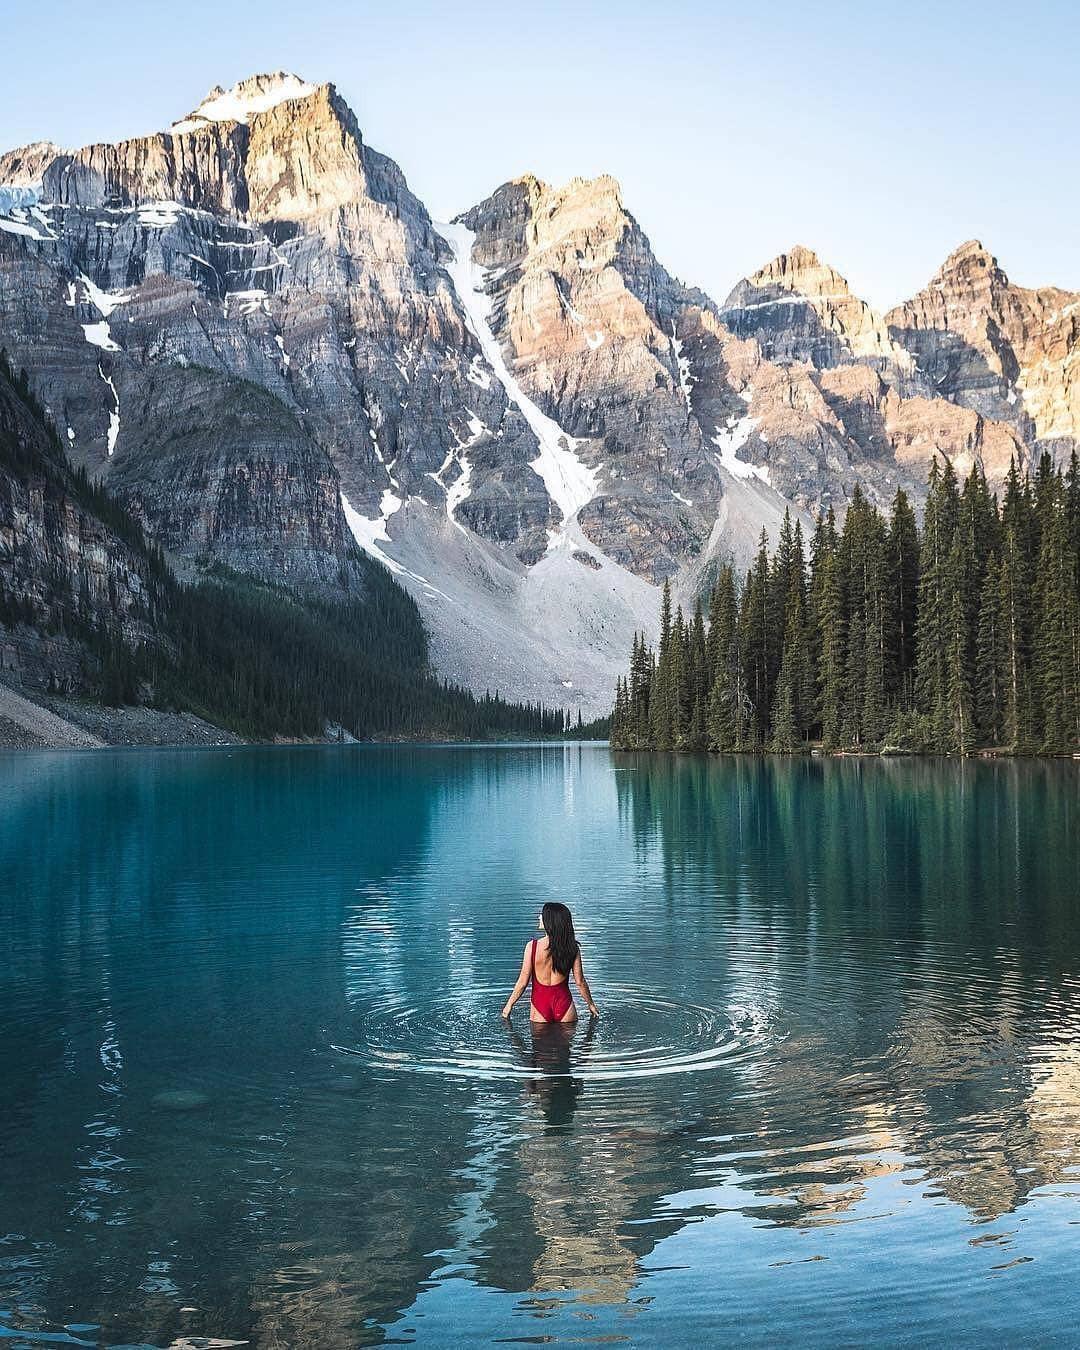 Có gì hay ở hồ nước màu xanh ngọc bích được mệnh danh là thiên đường trần gian ở Canada? - Ảnh 2.